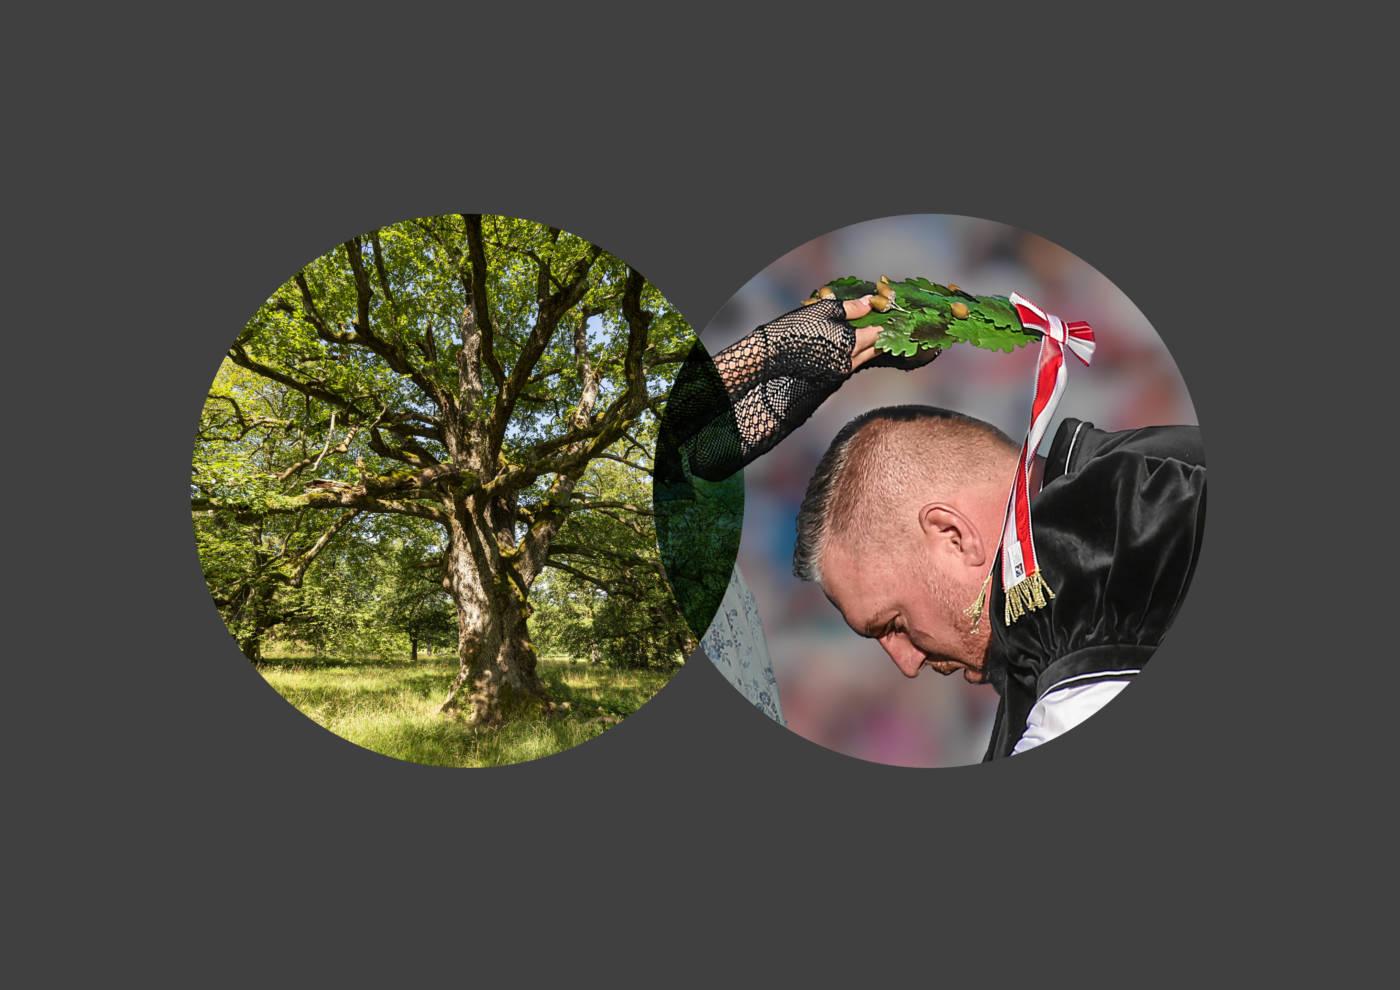 Das Eichenblatt als Symbol fürs Schwingen und die gastgebende Region, Eidgenössisches Schwing- und Älplerfest Pratteln im Baselbiet | ESAF 2022